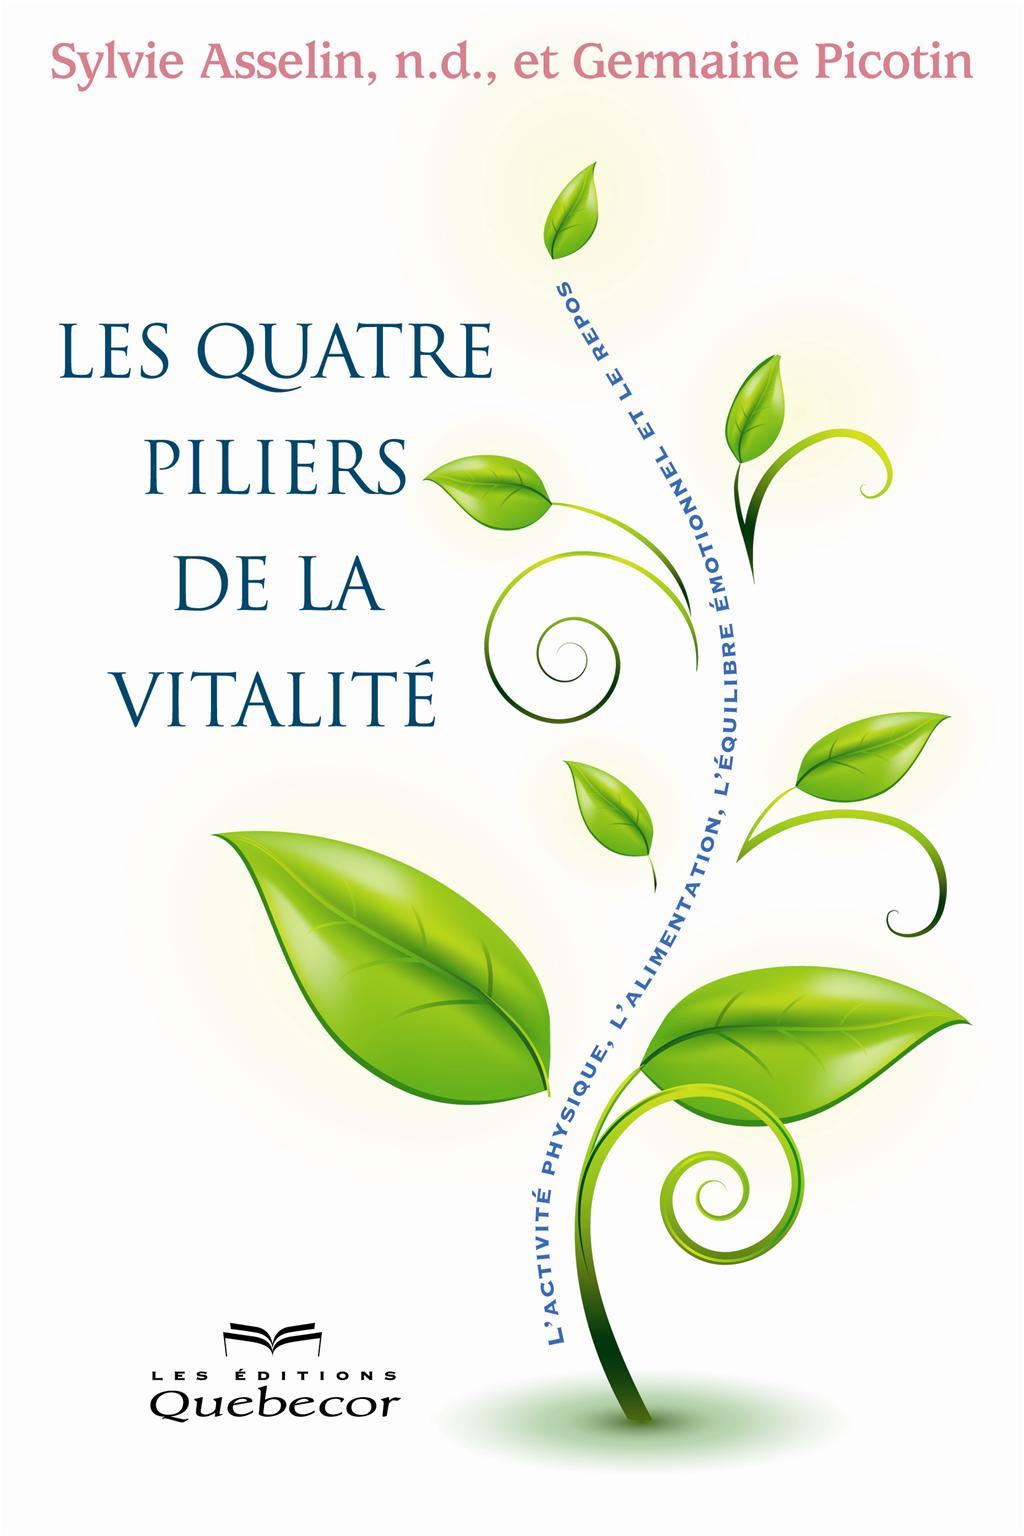 Les quatre piliers de la vitalité